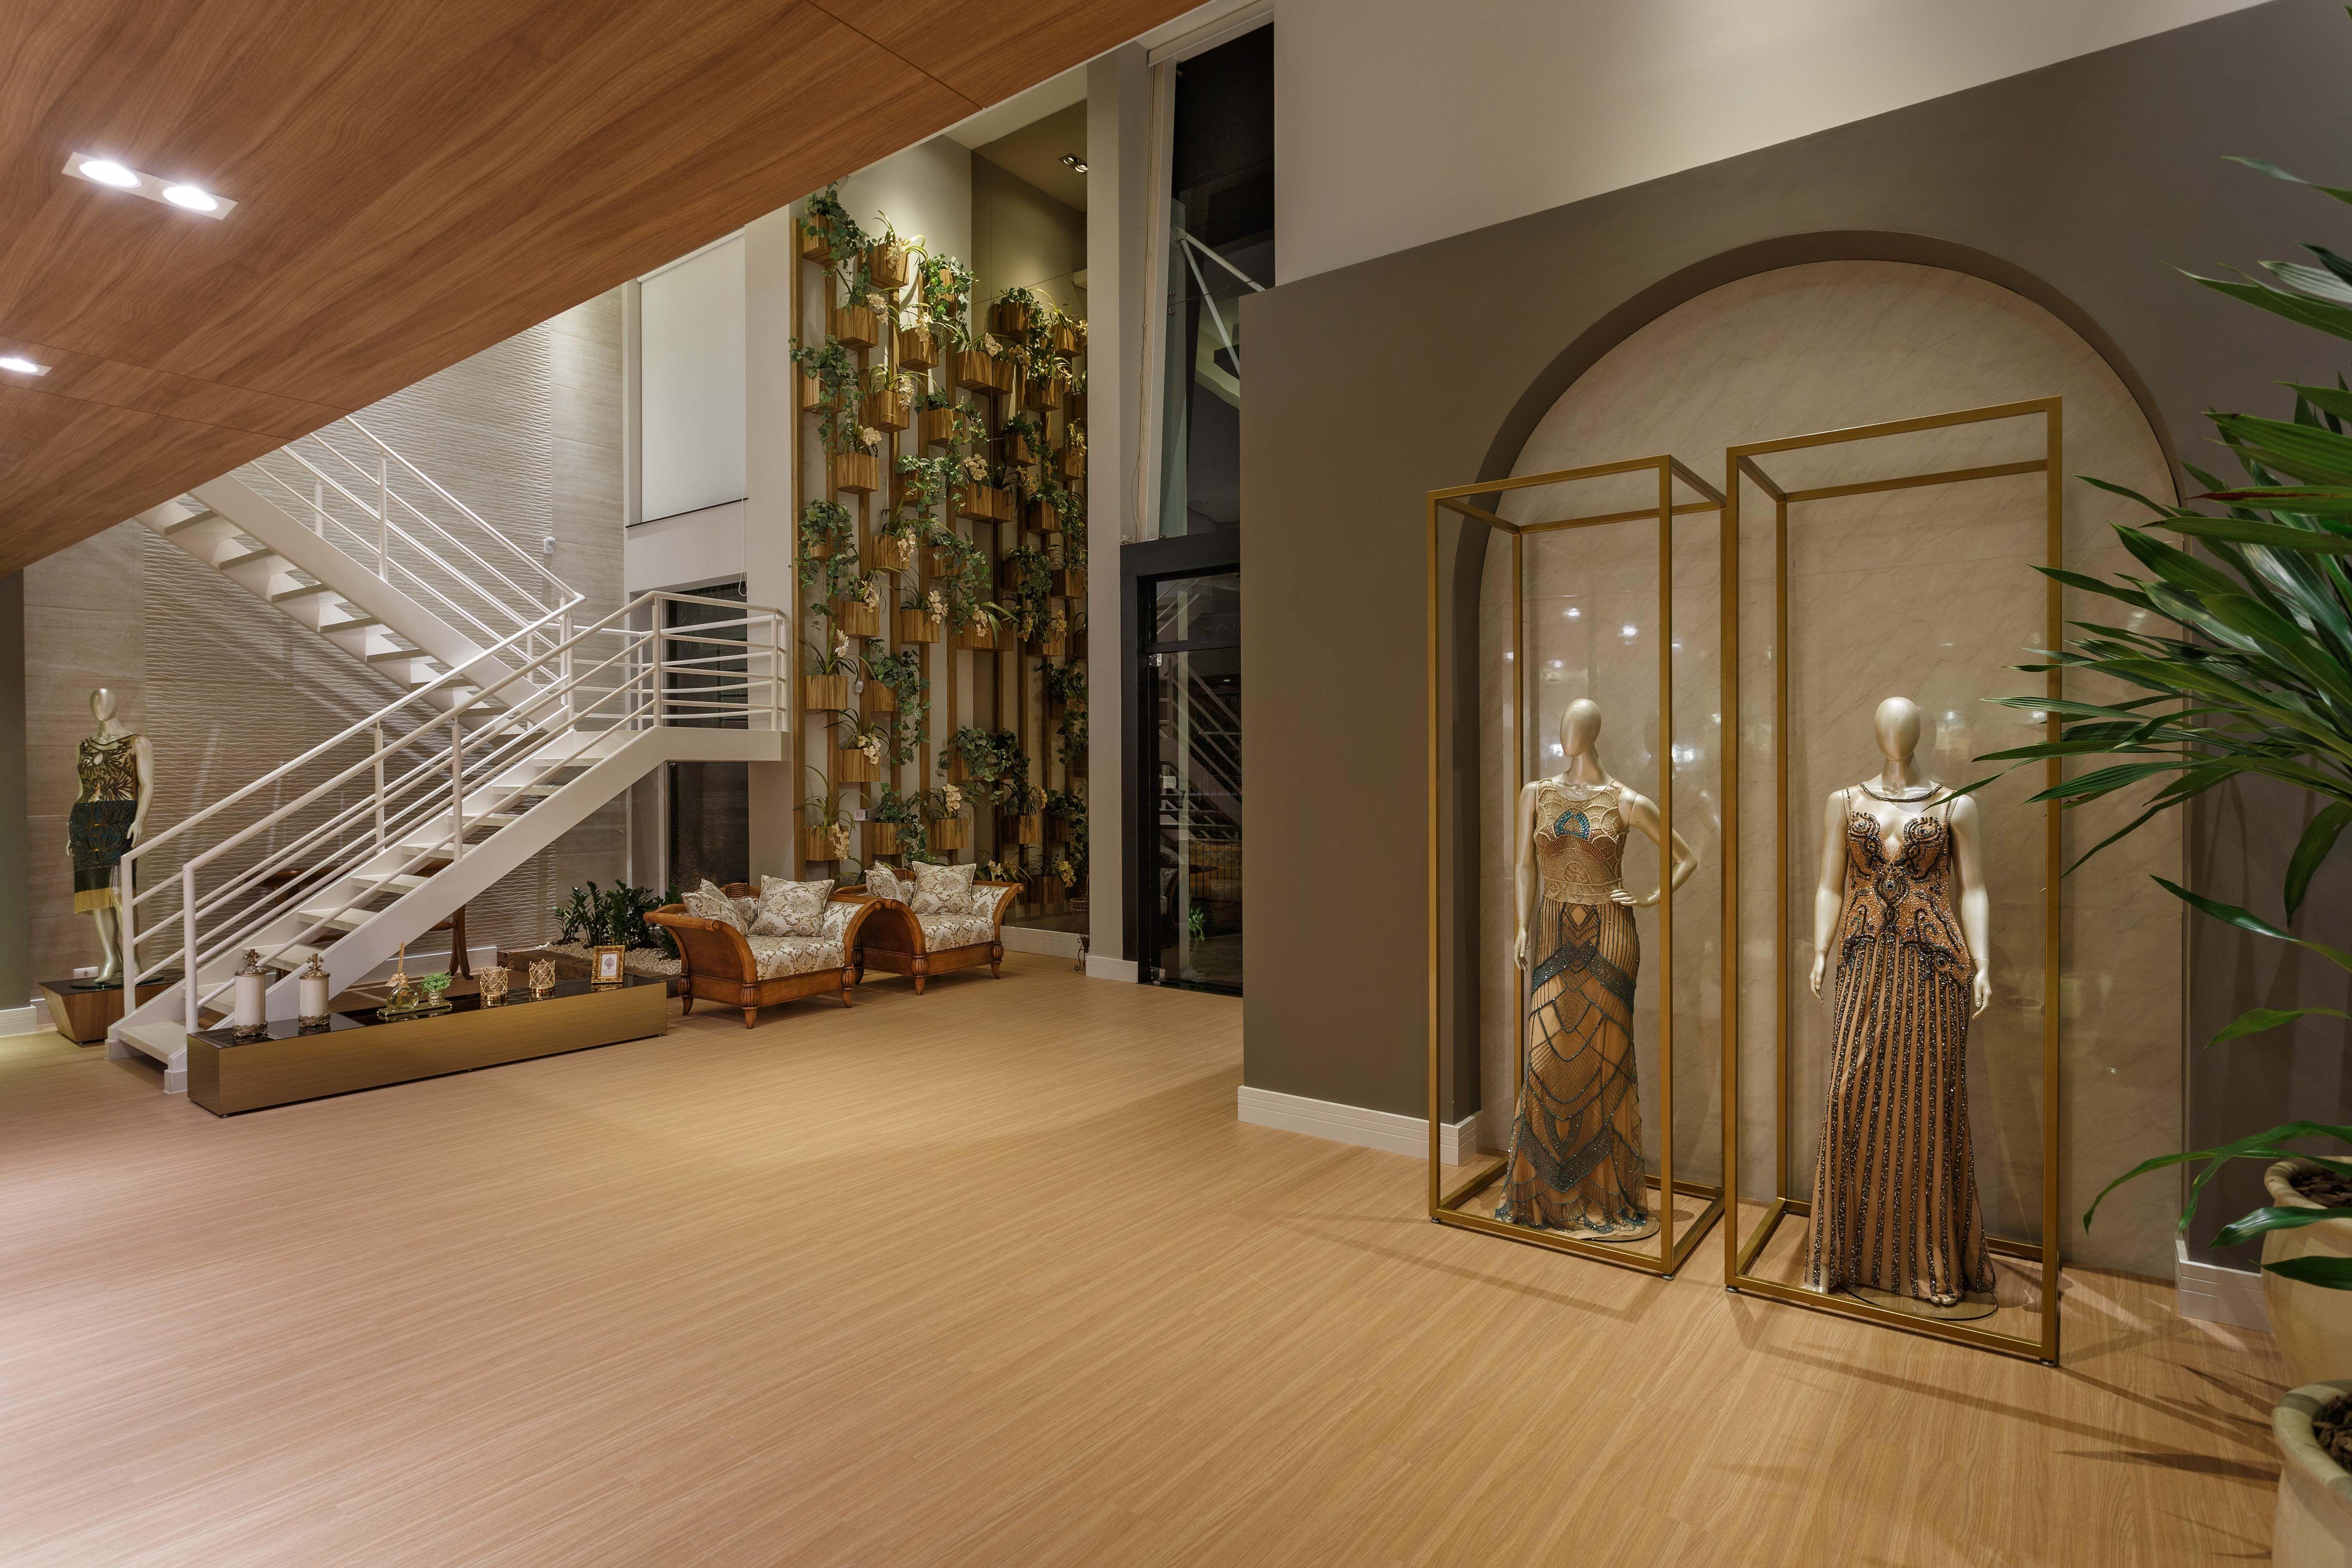 78b64510e Projeto de interiores para uma loja de vestidos de festa em Maringá-PR.